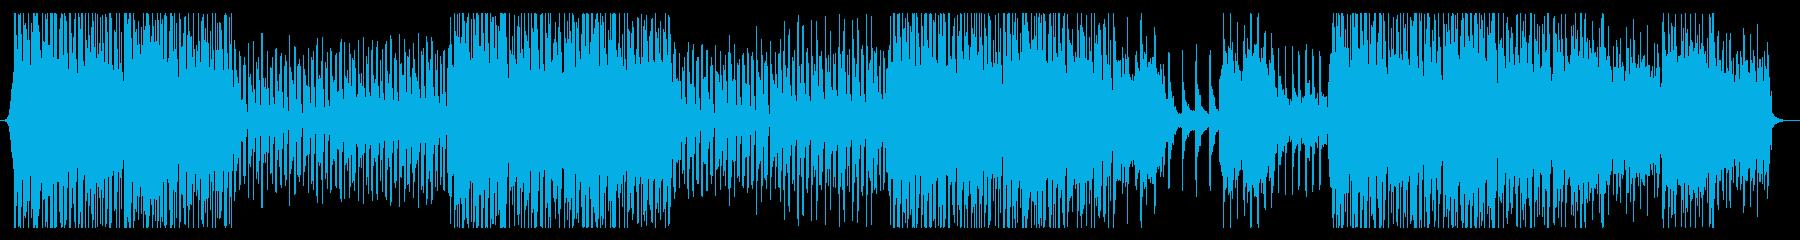 癒しでほのぼのとした可愛いポップなBGMの再生済みの波形